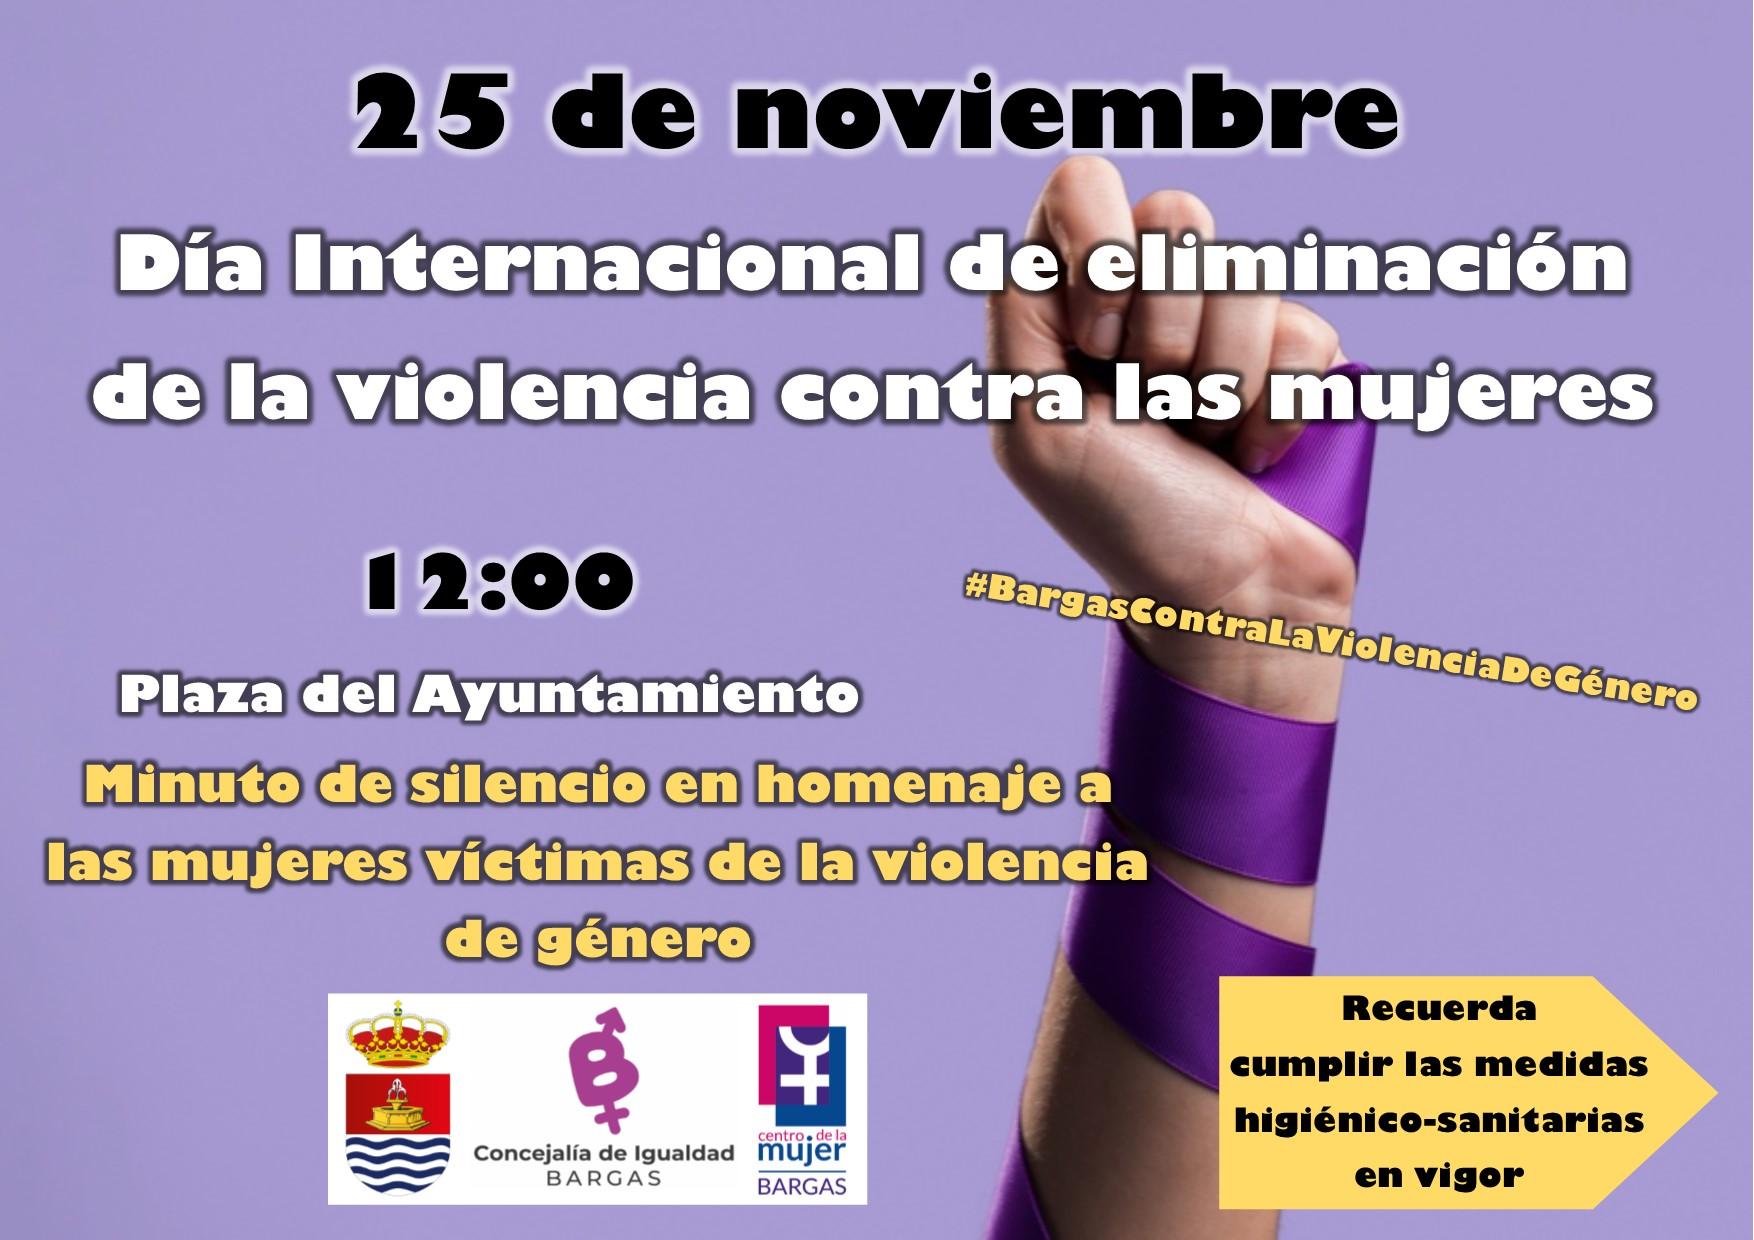 Minuto de silencio en homenaje a las mujeres víctimas de la violencia de género